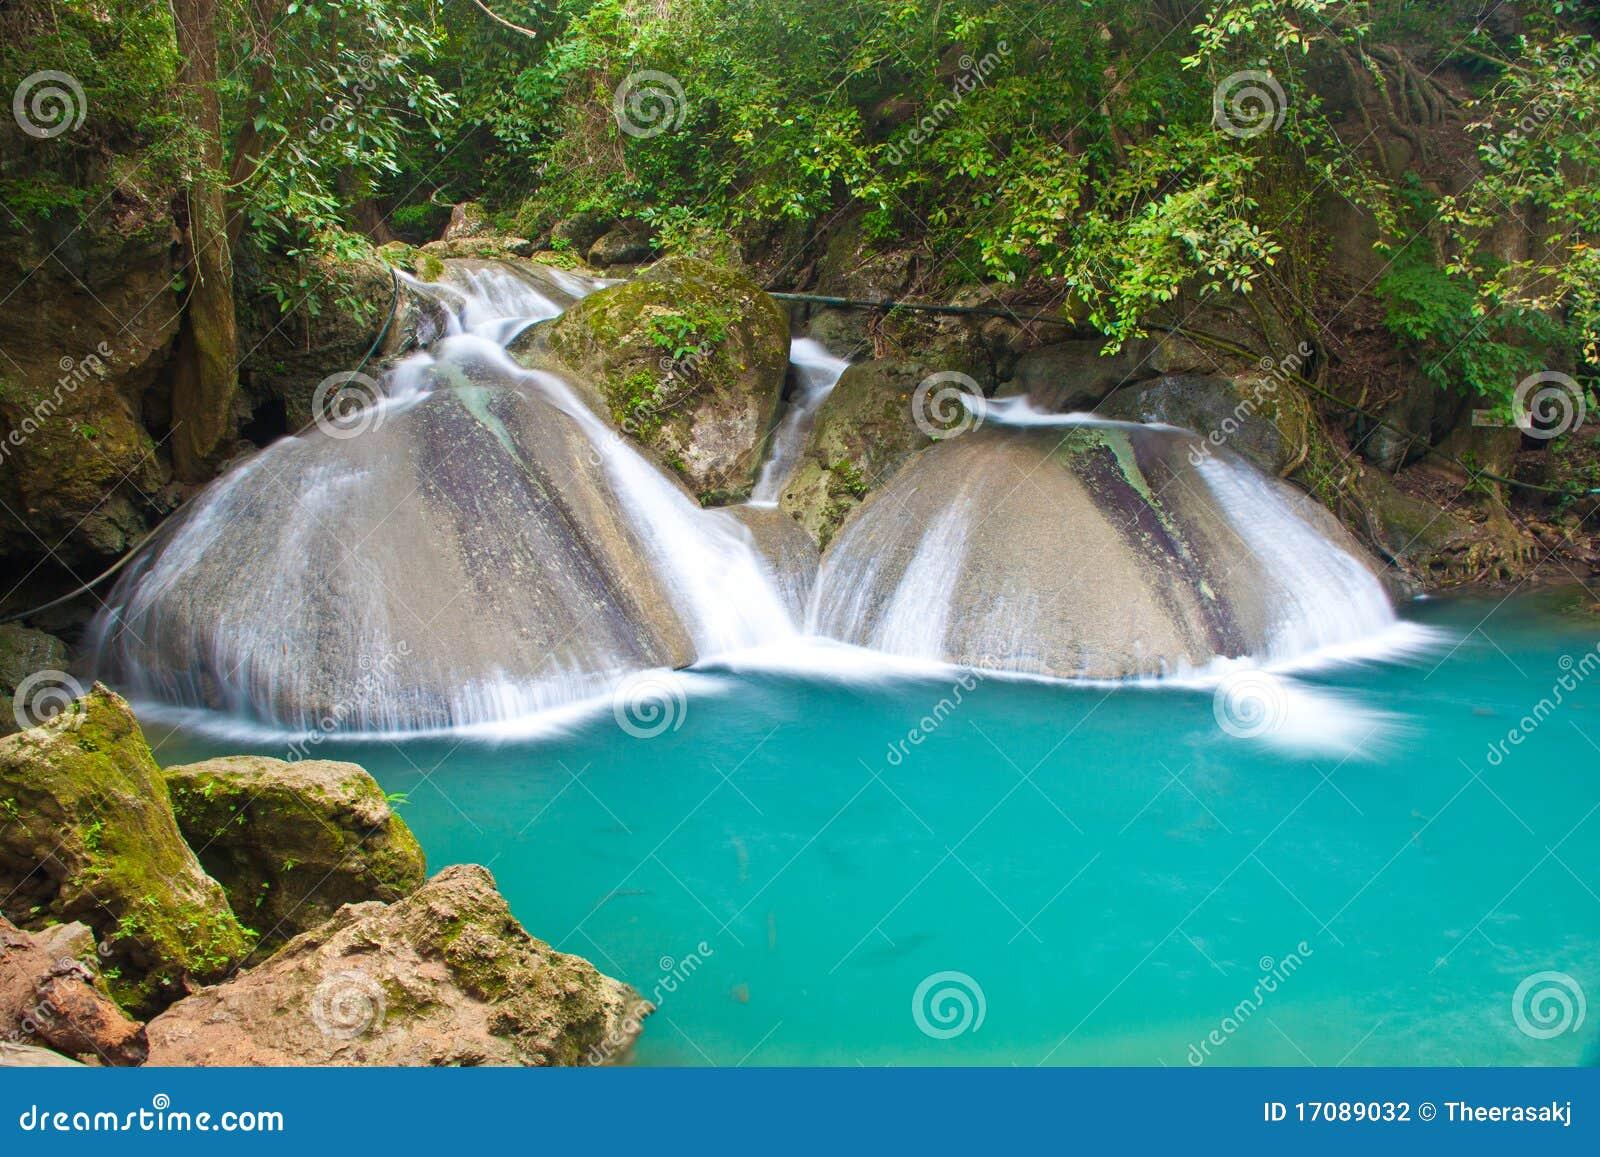 Ein schöner Wasserfall in Thailand